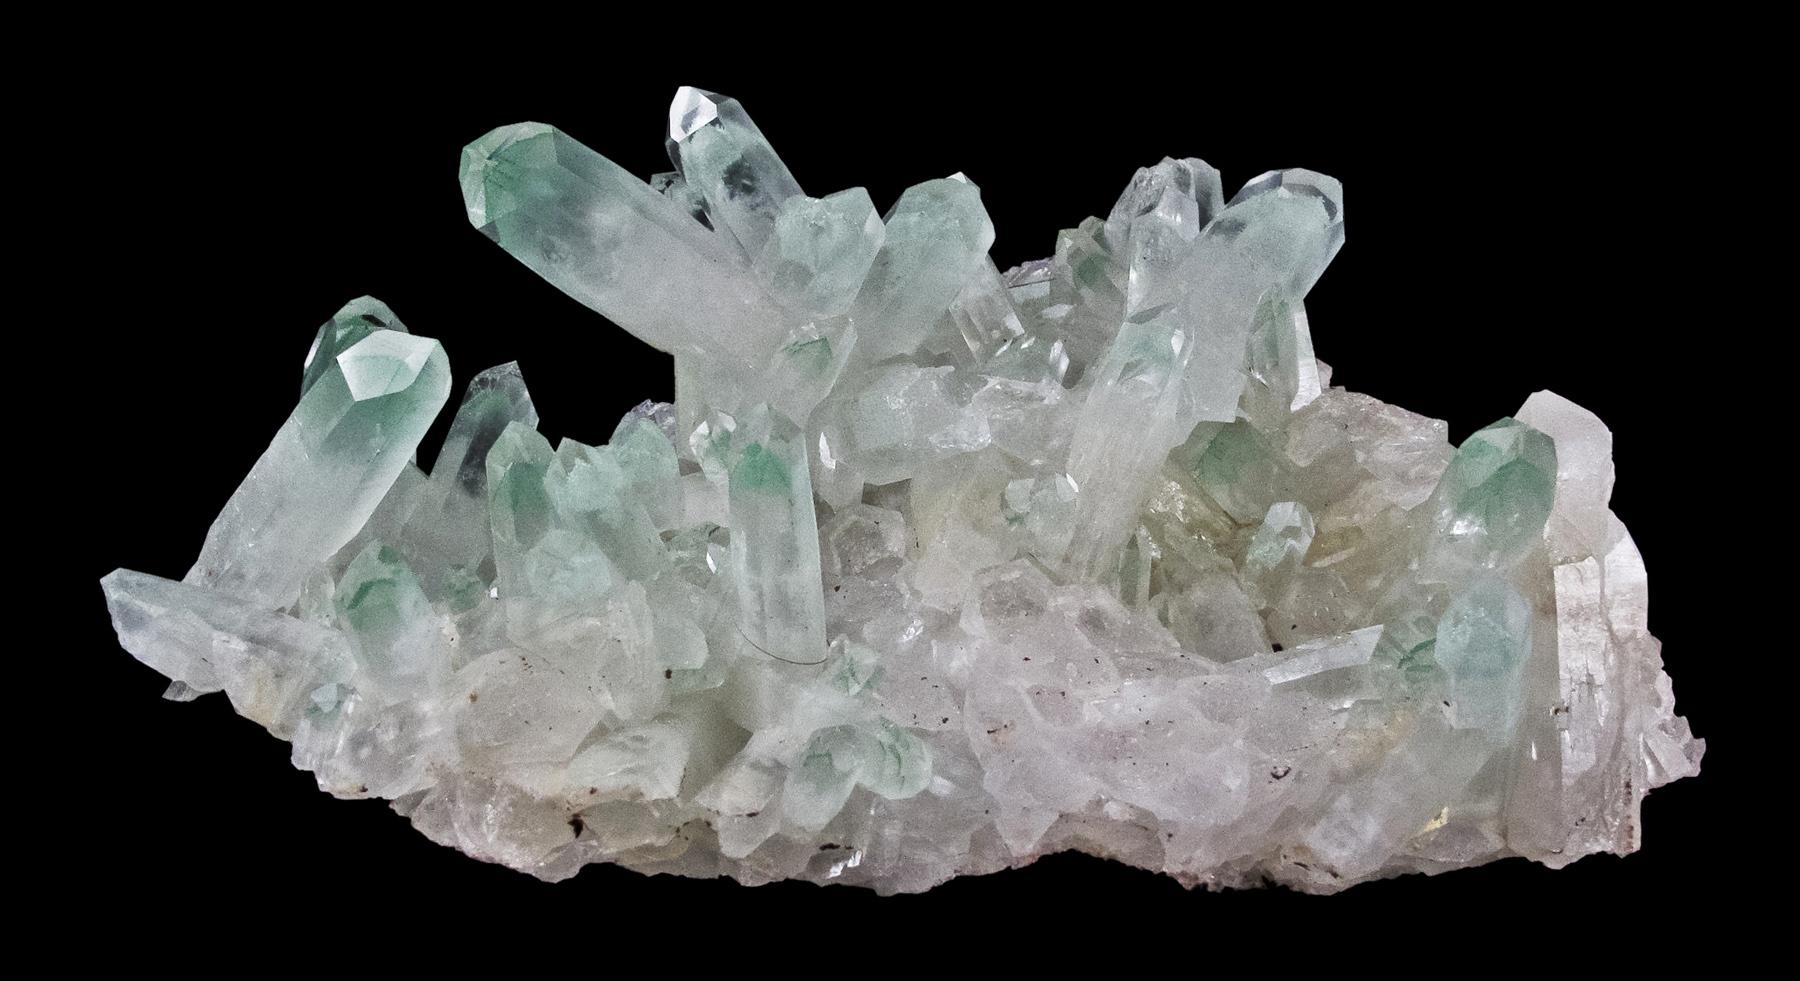 One largest matrix plates lustrous translucent gemmy quartz crystals 4